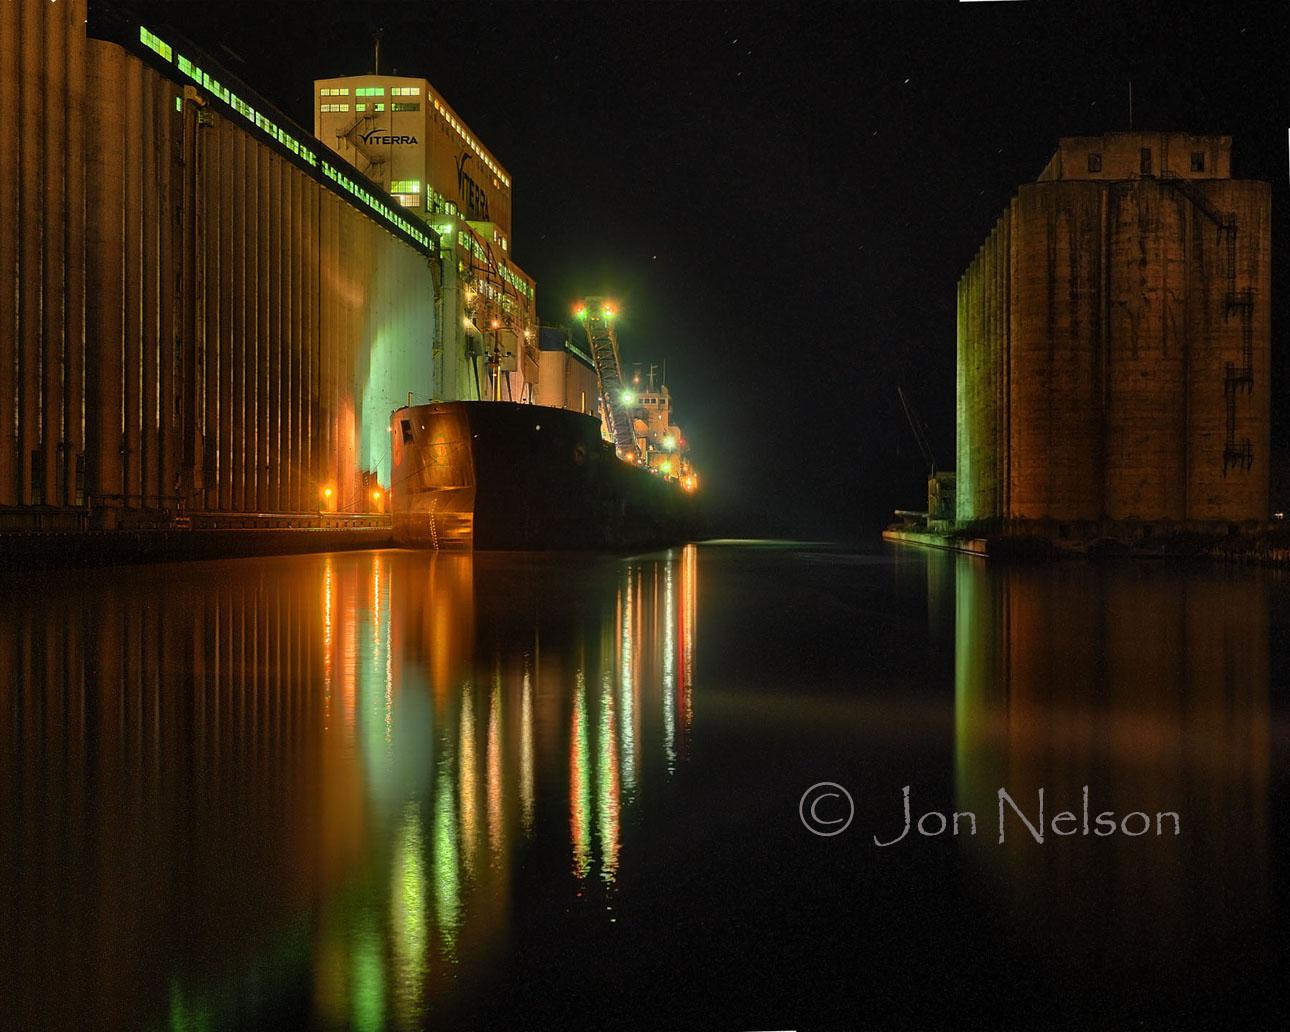 Images Of Thunder Bay 2 Jon Nelson